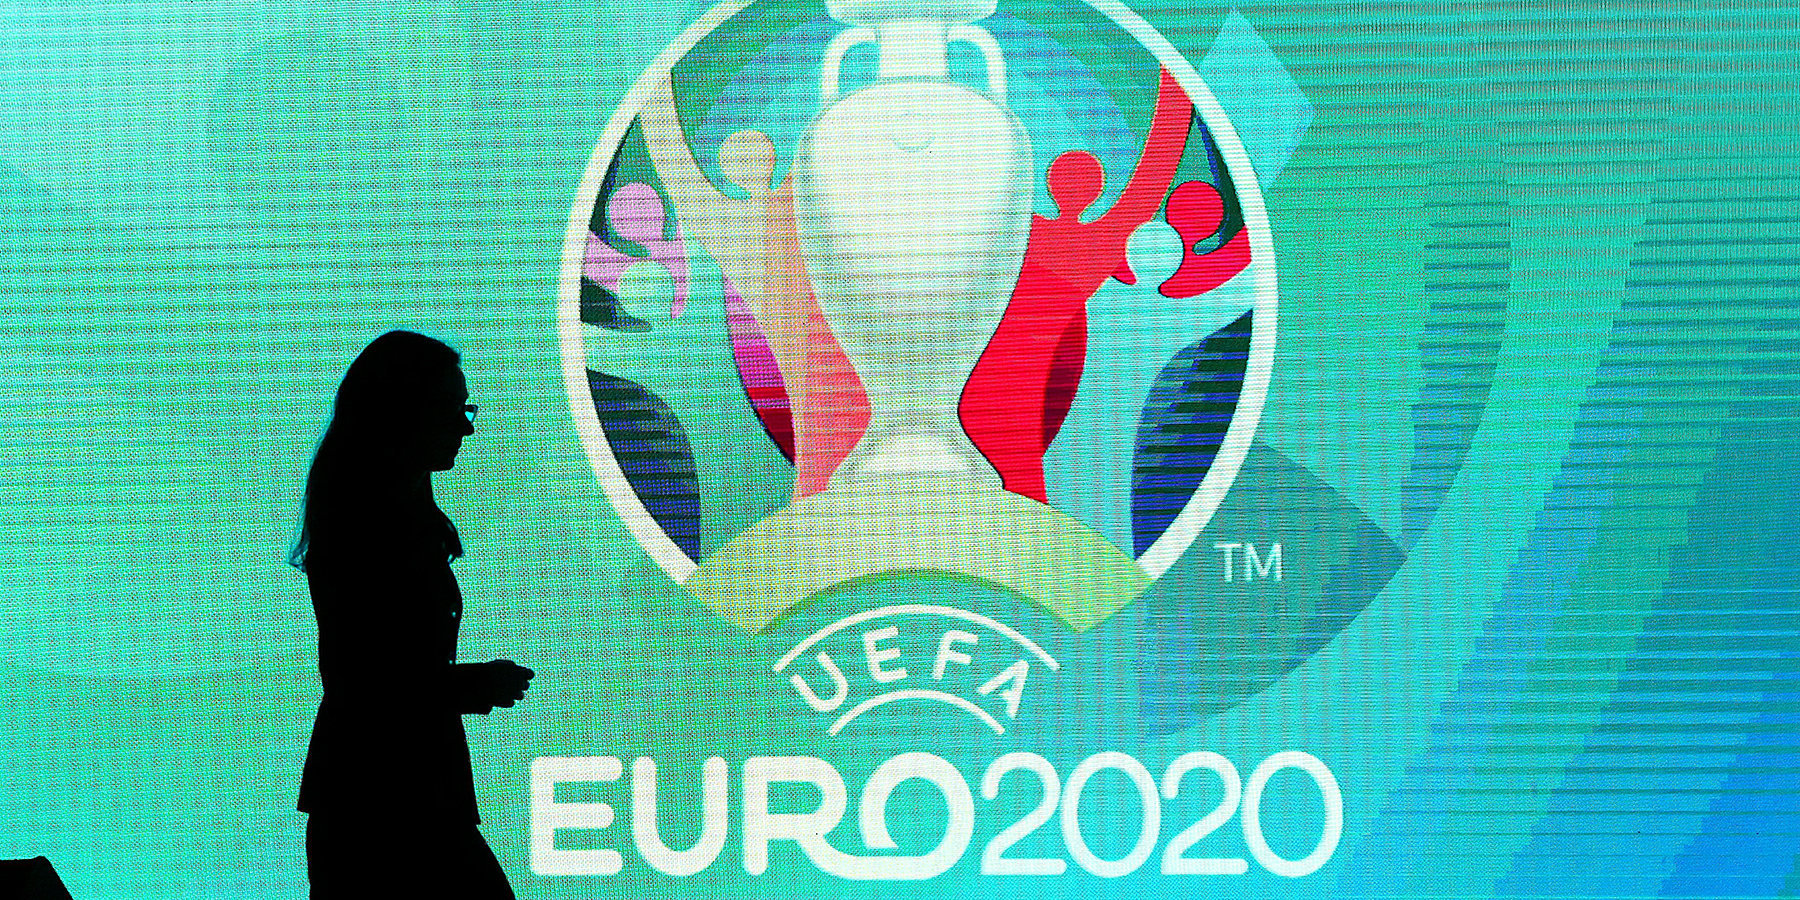 Интрига для России, группы смерти и жизни. Чего ждать от жеребьевки Евро-2020?